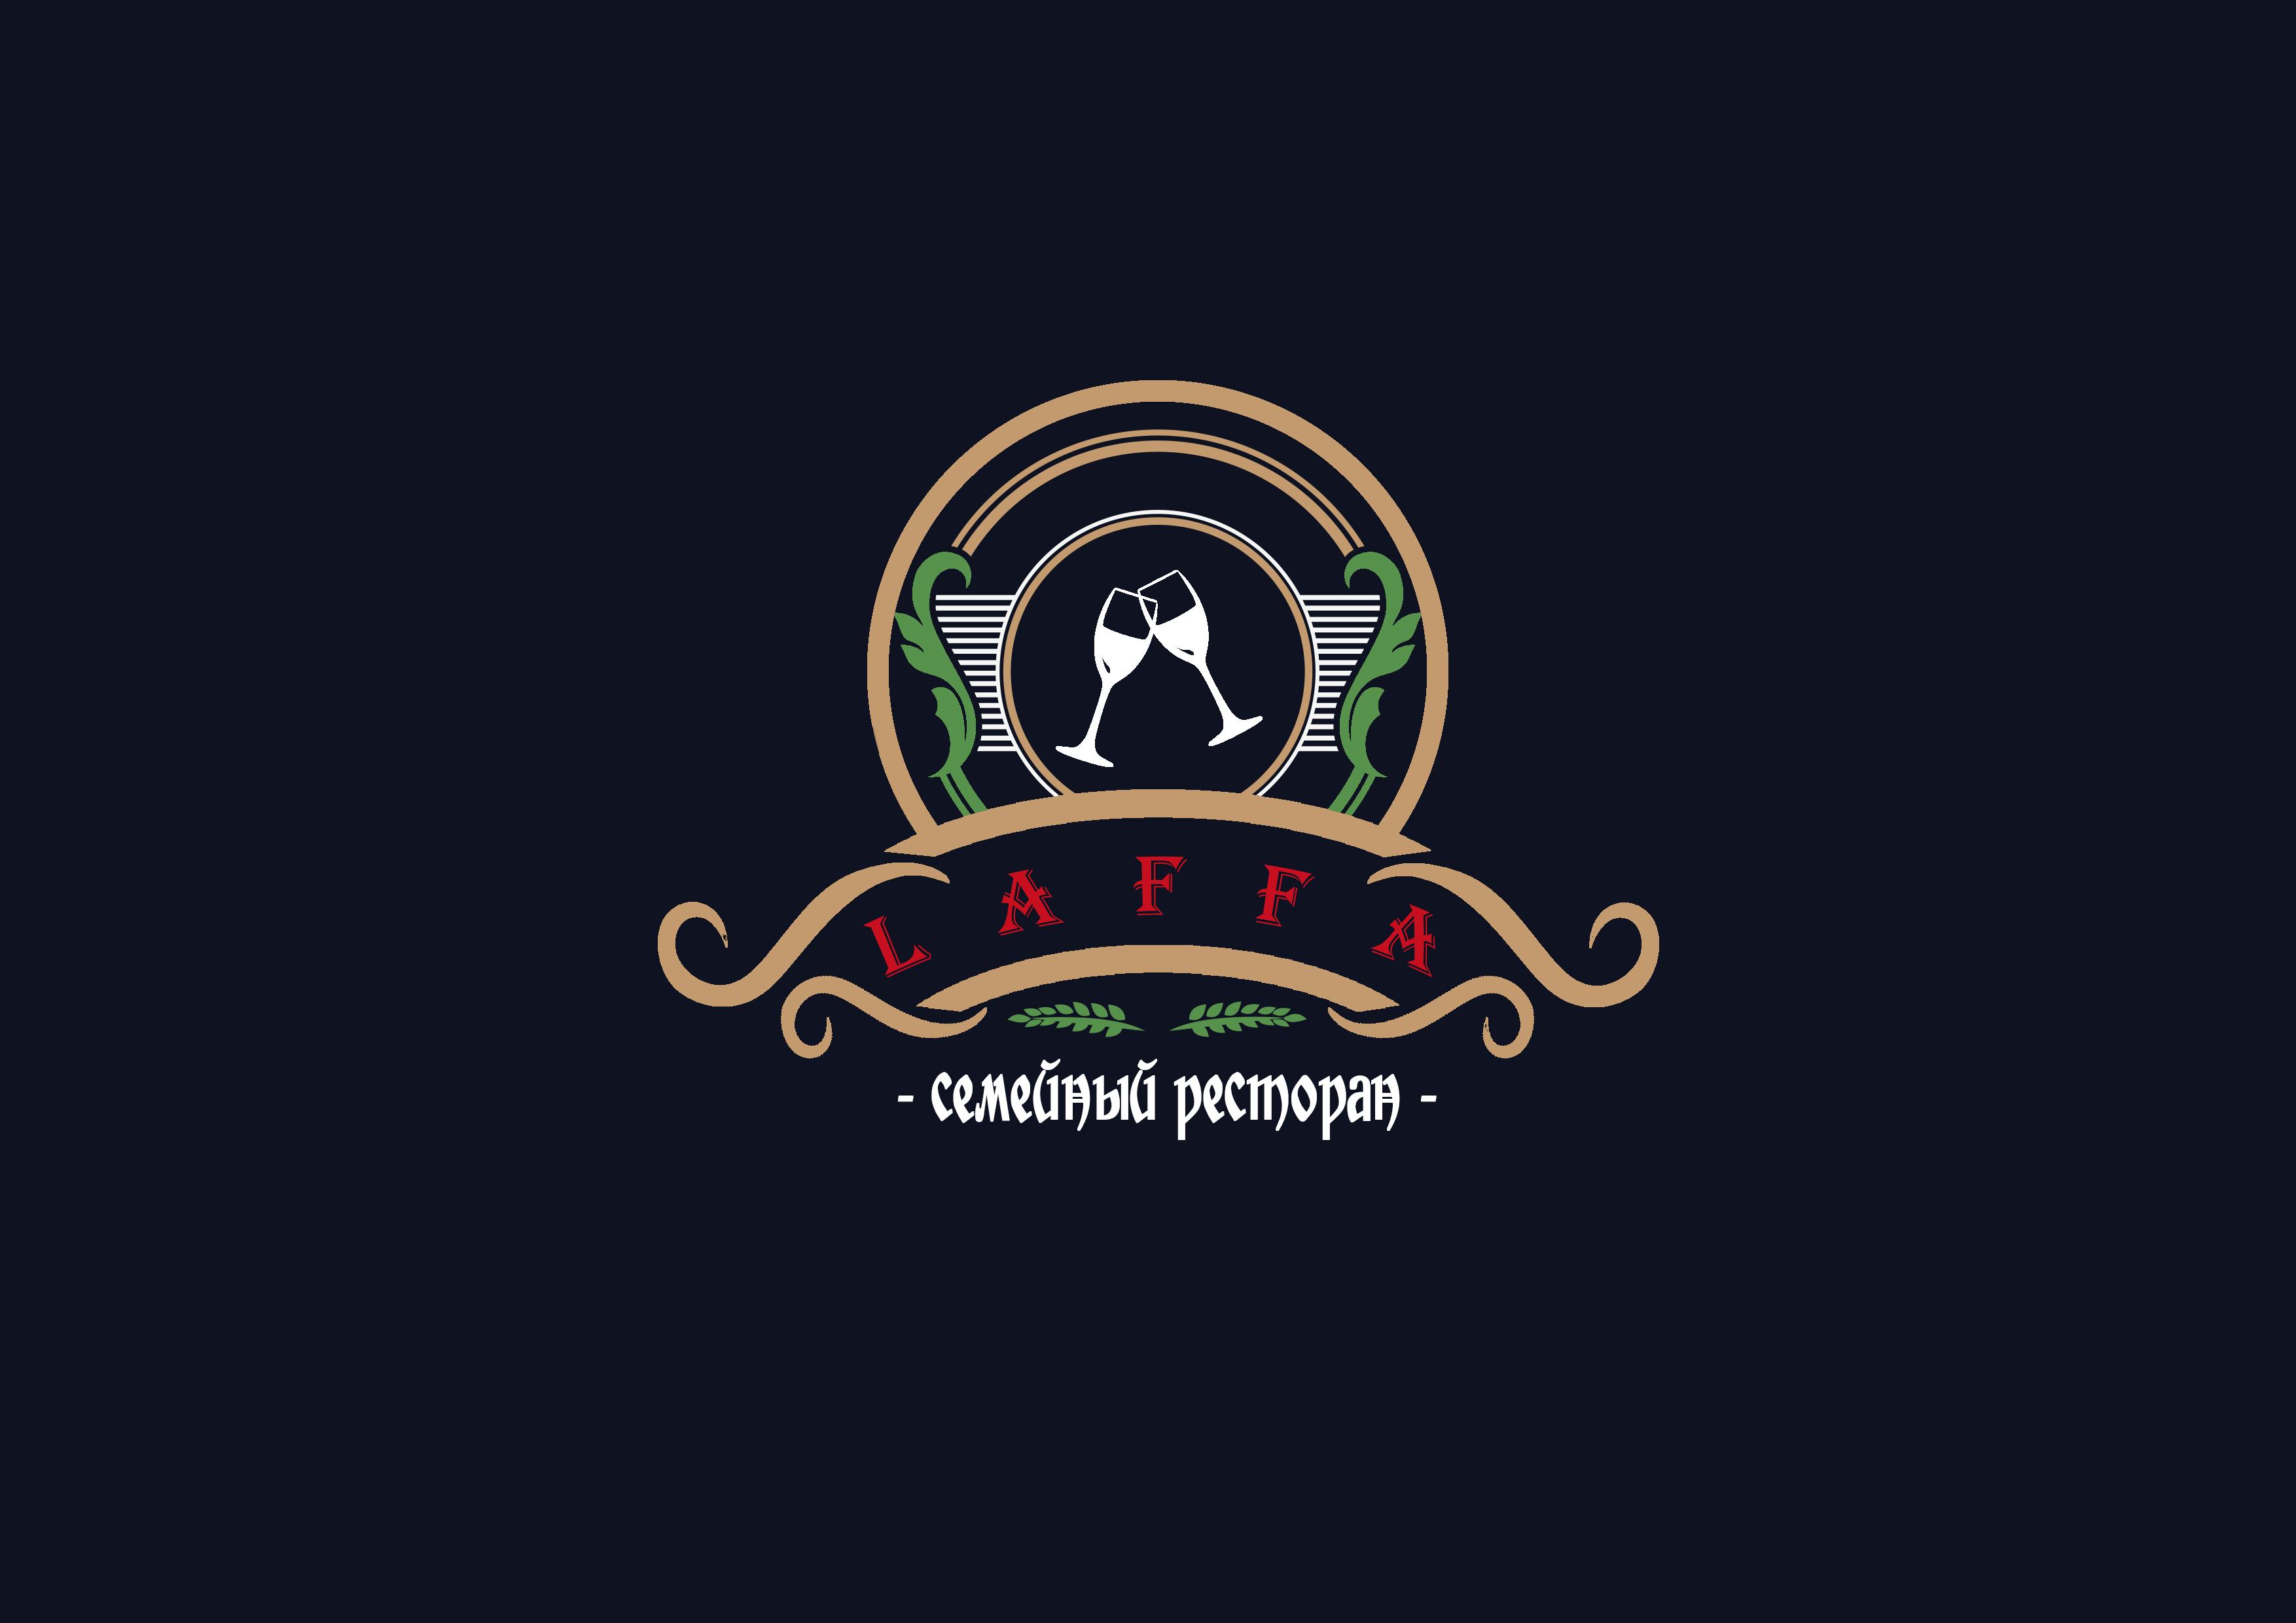 Нужно нарисовать логотип для семейного итальянского ресторан фото f_857554aa0d51068e.jpg